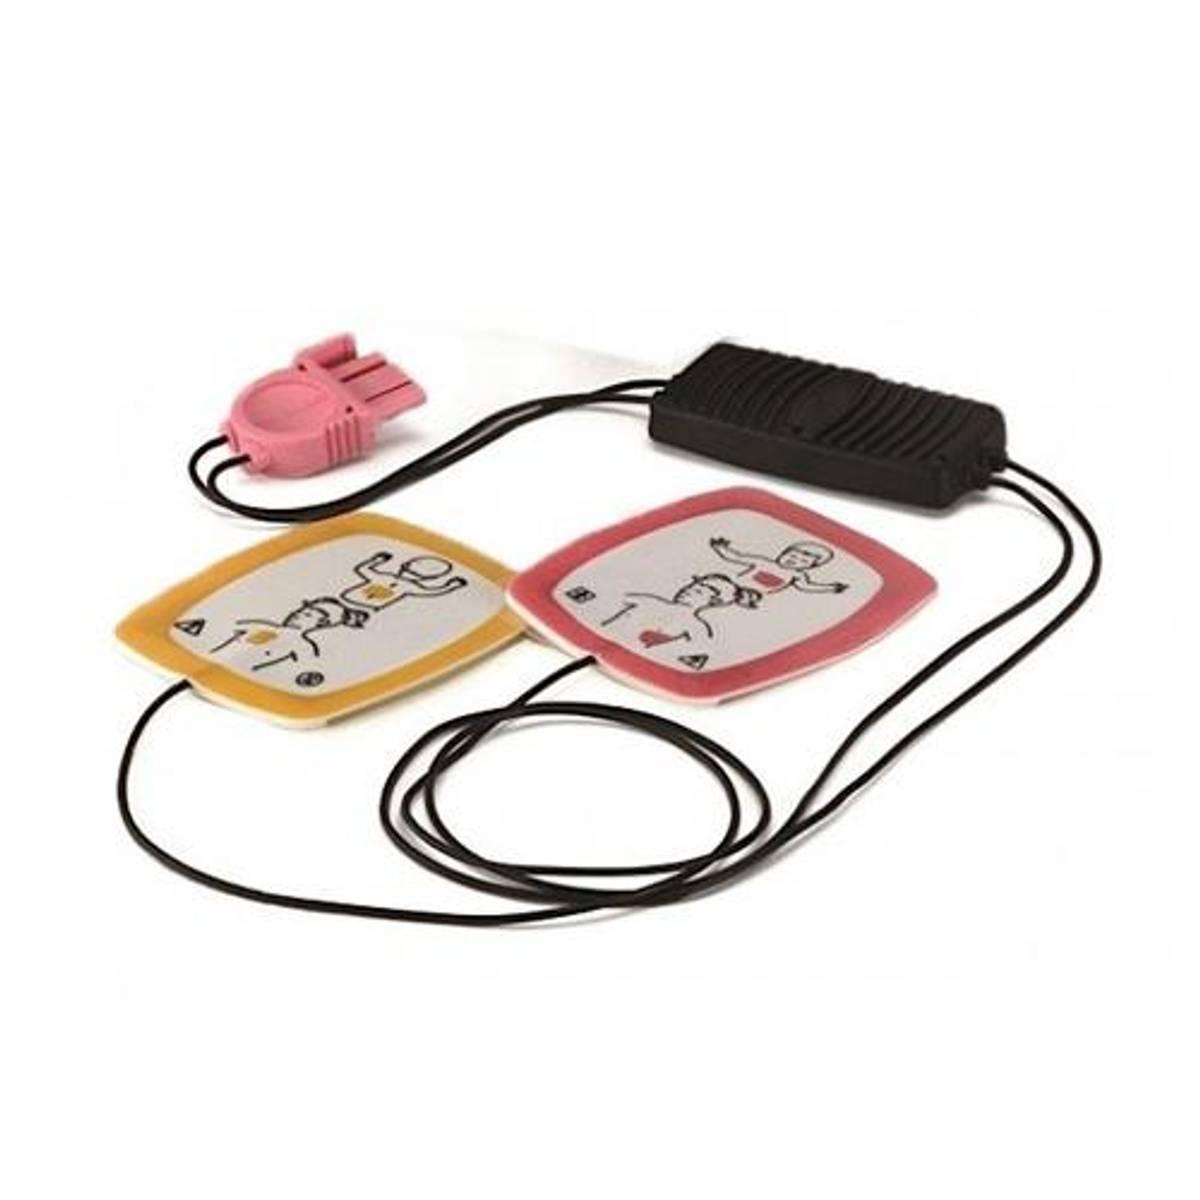 Lifepack CR+ og Lifepack 1000 Barneelektroder